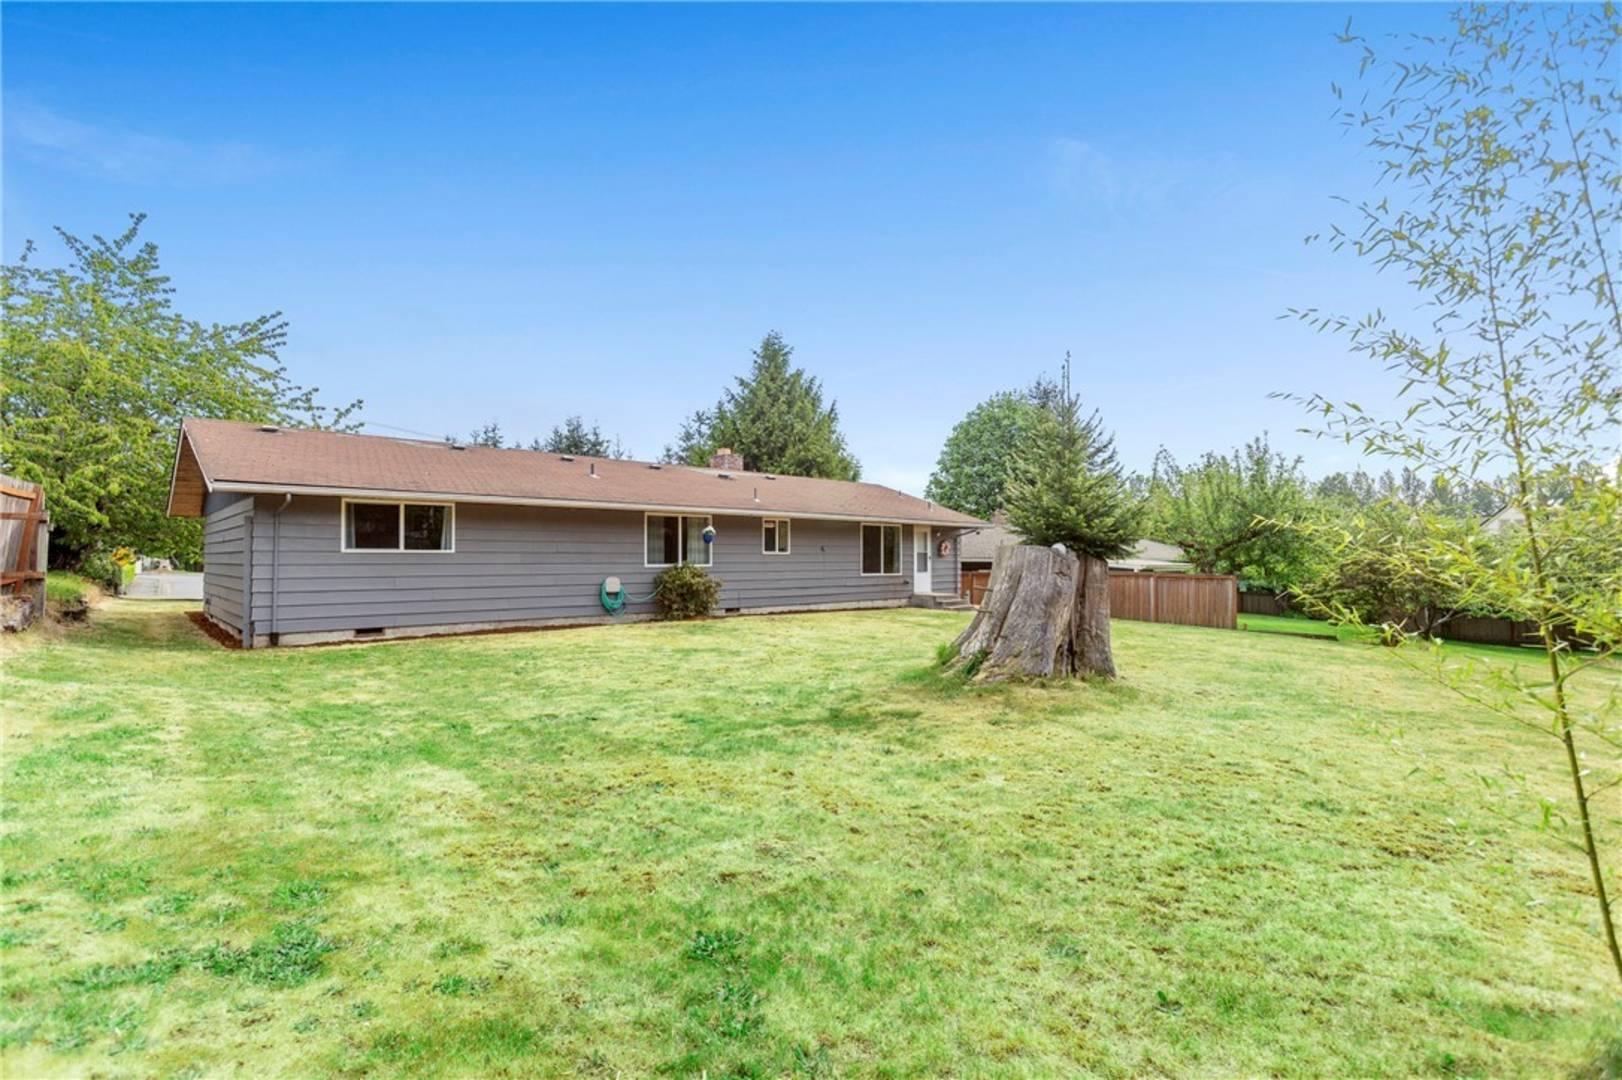 1422 Silver Lake Rd, Everett, WA 98208